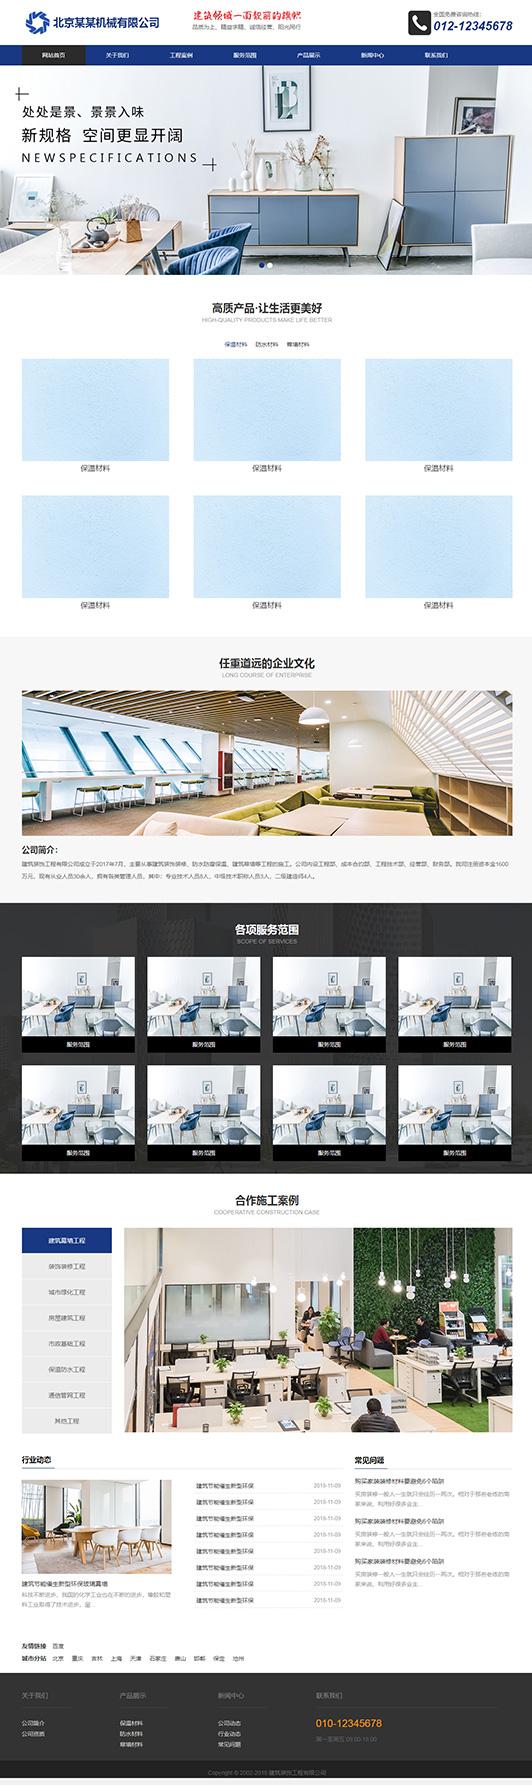 建筑装饰公司网站通用MIP响应式模板